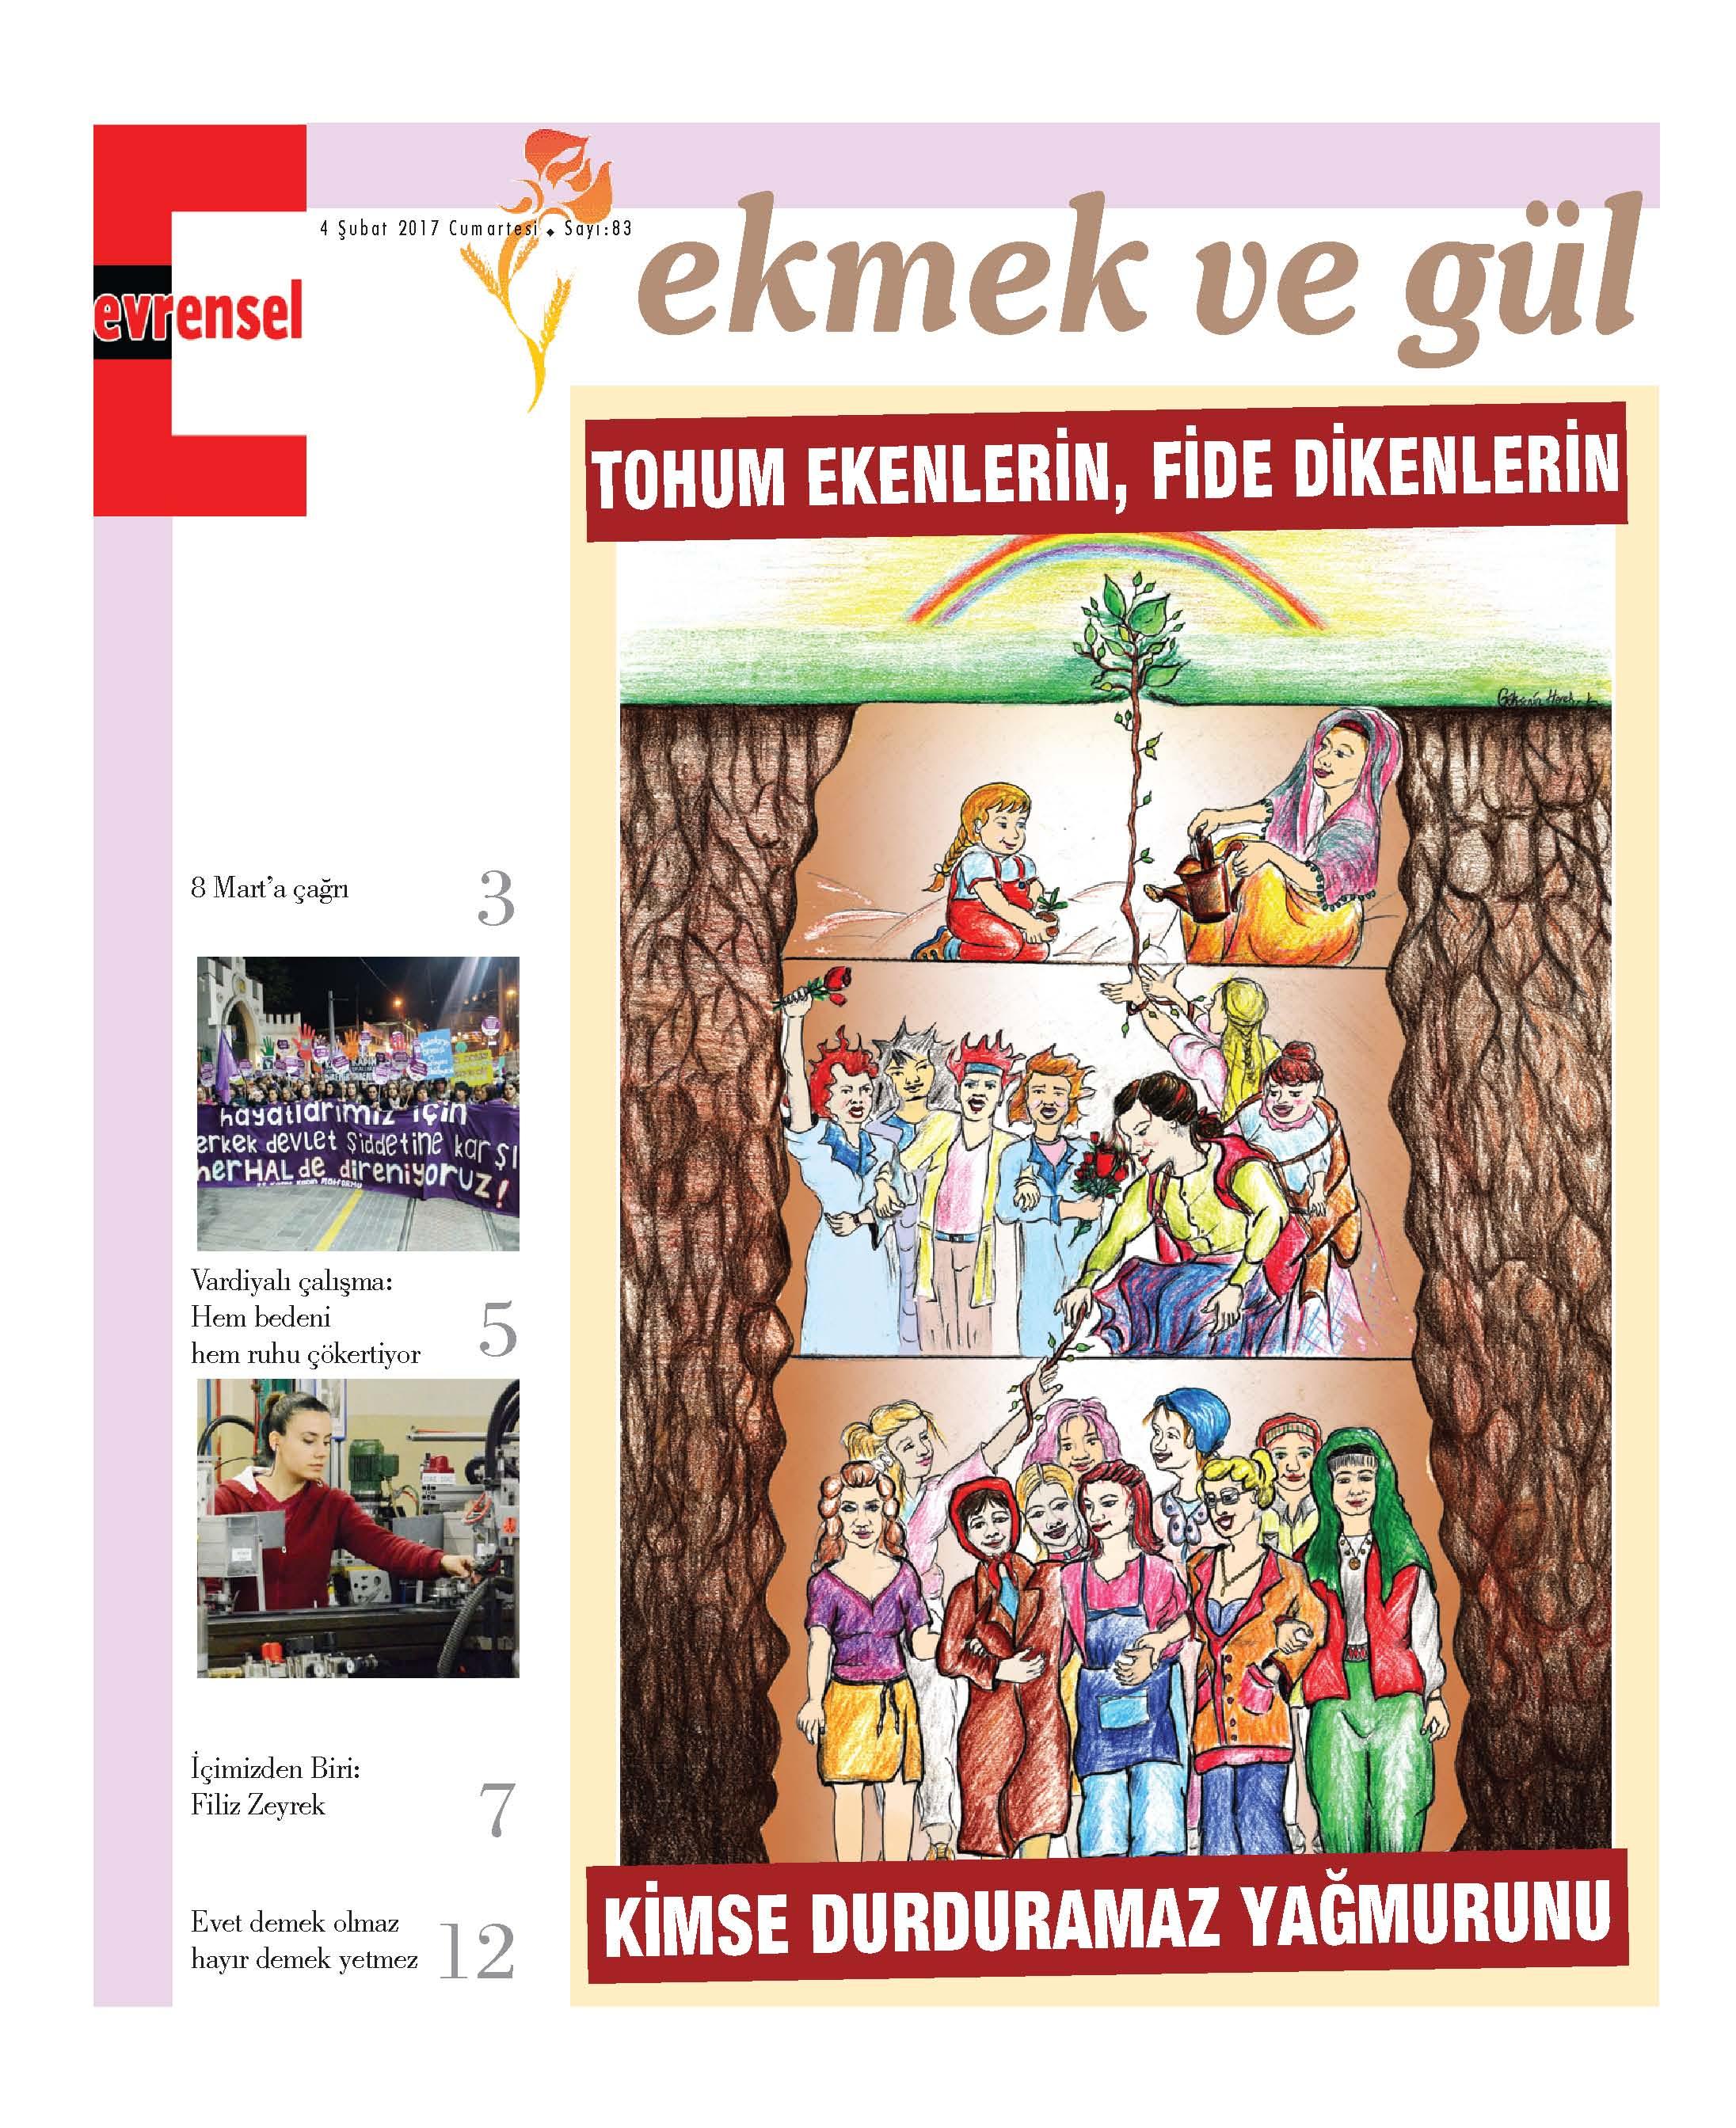 EKMEK VE GÜL -> ŞUBAT 2017